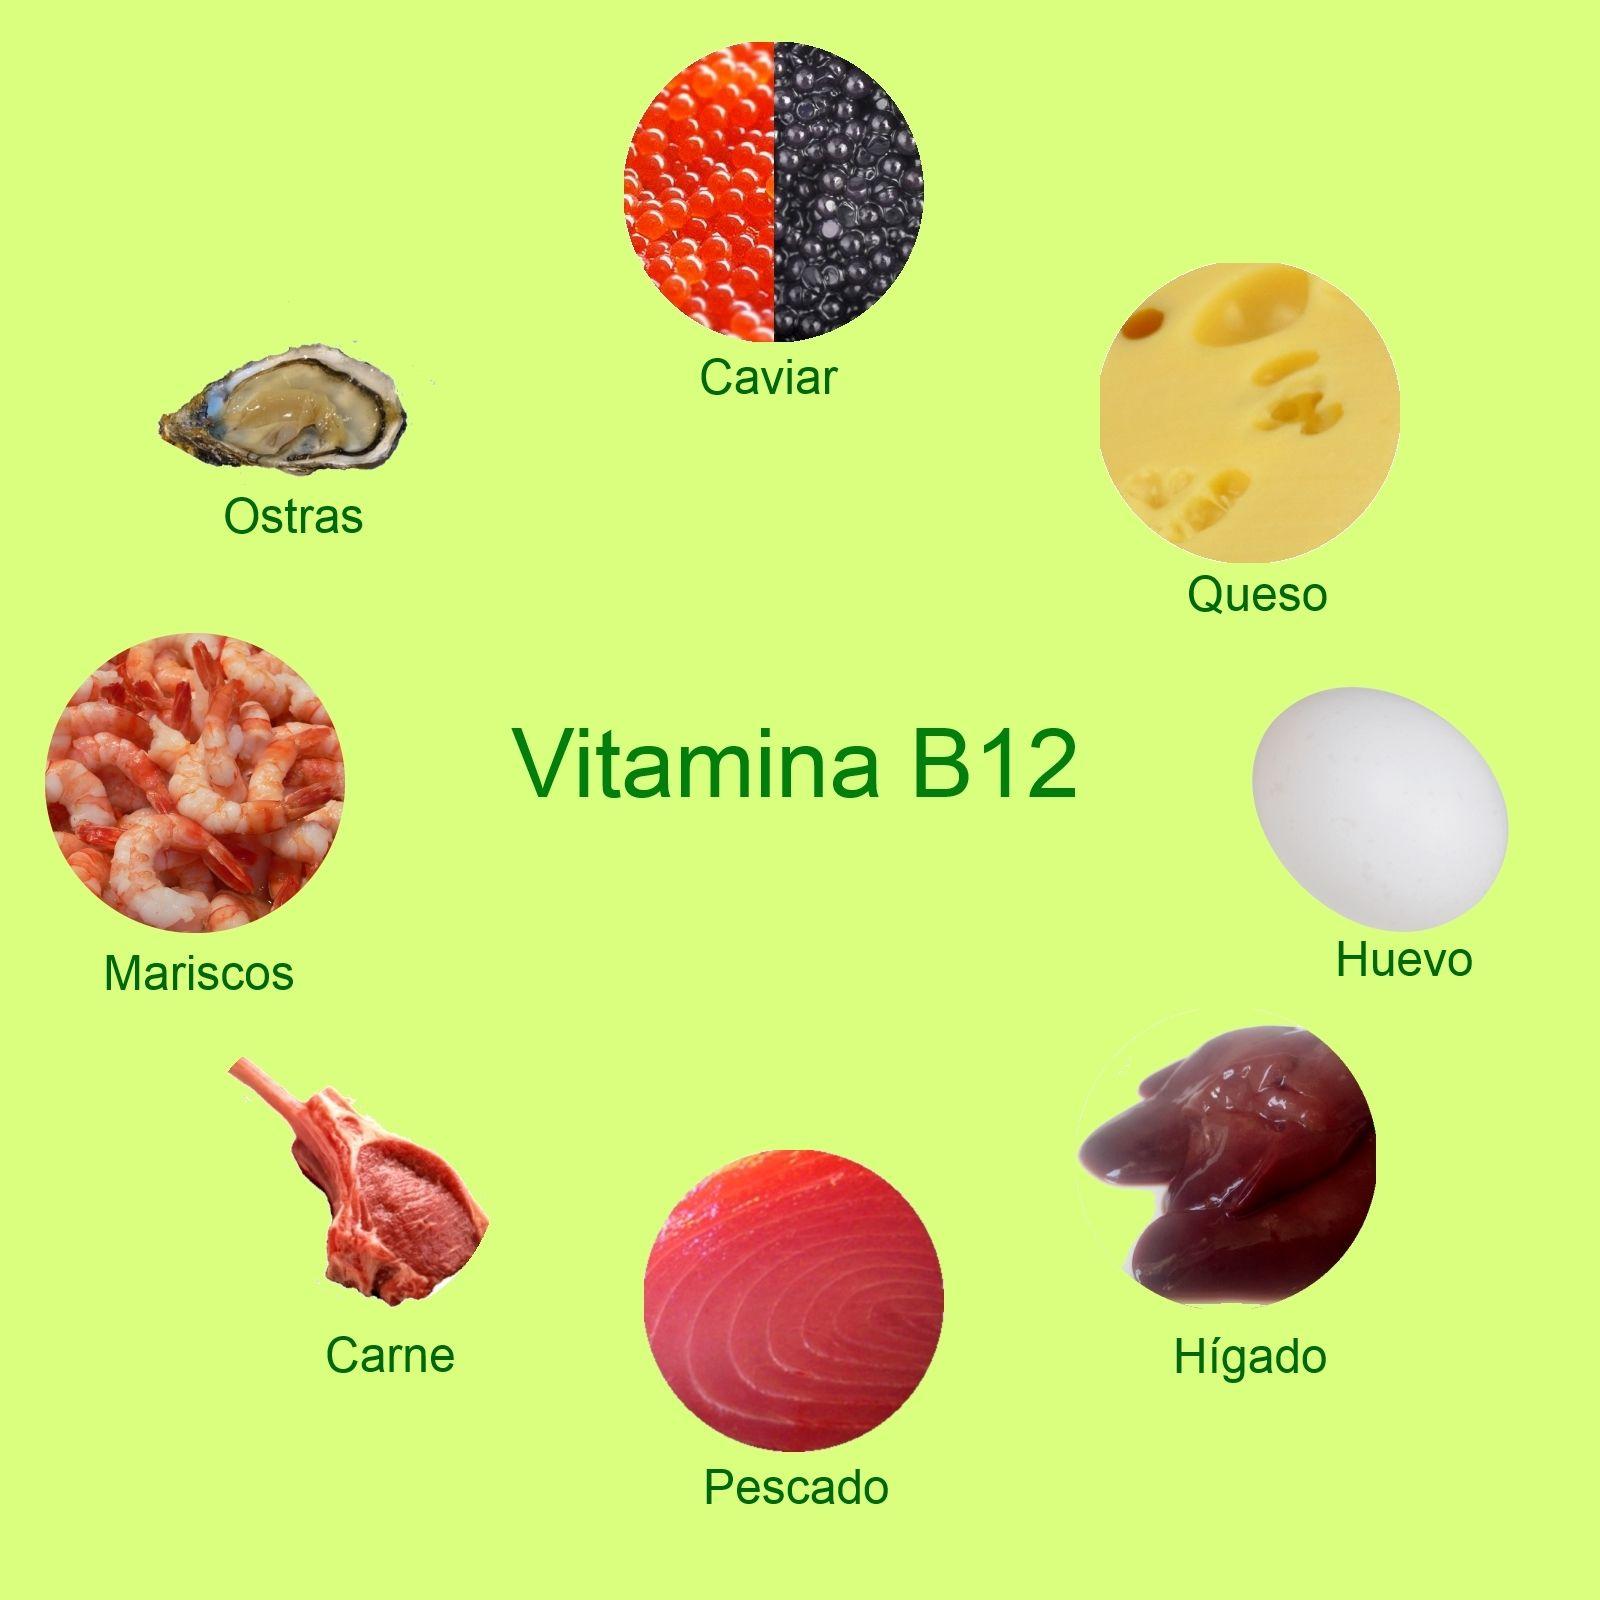 la importancia de la vitamina b12 para veganos y